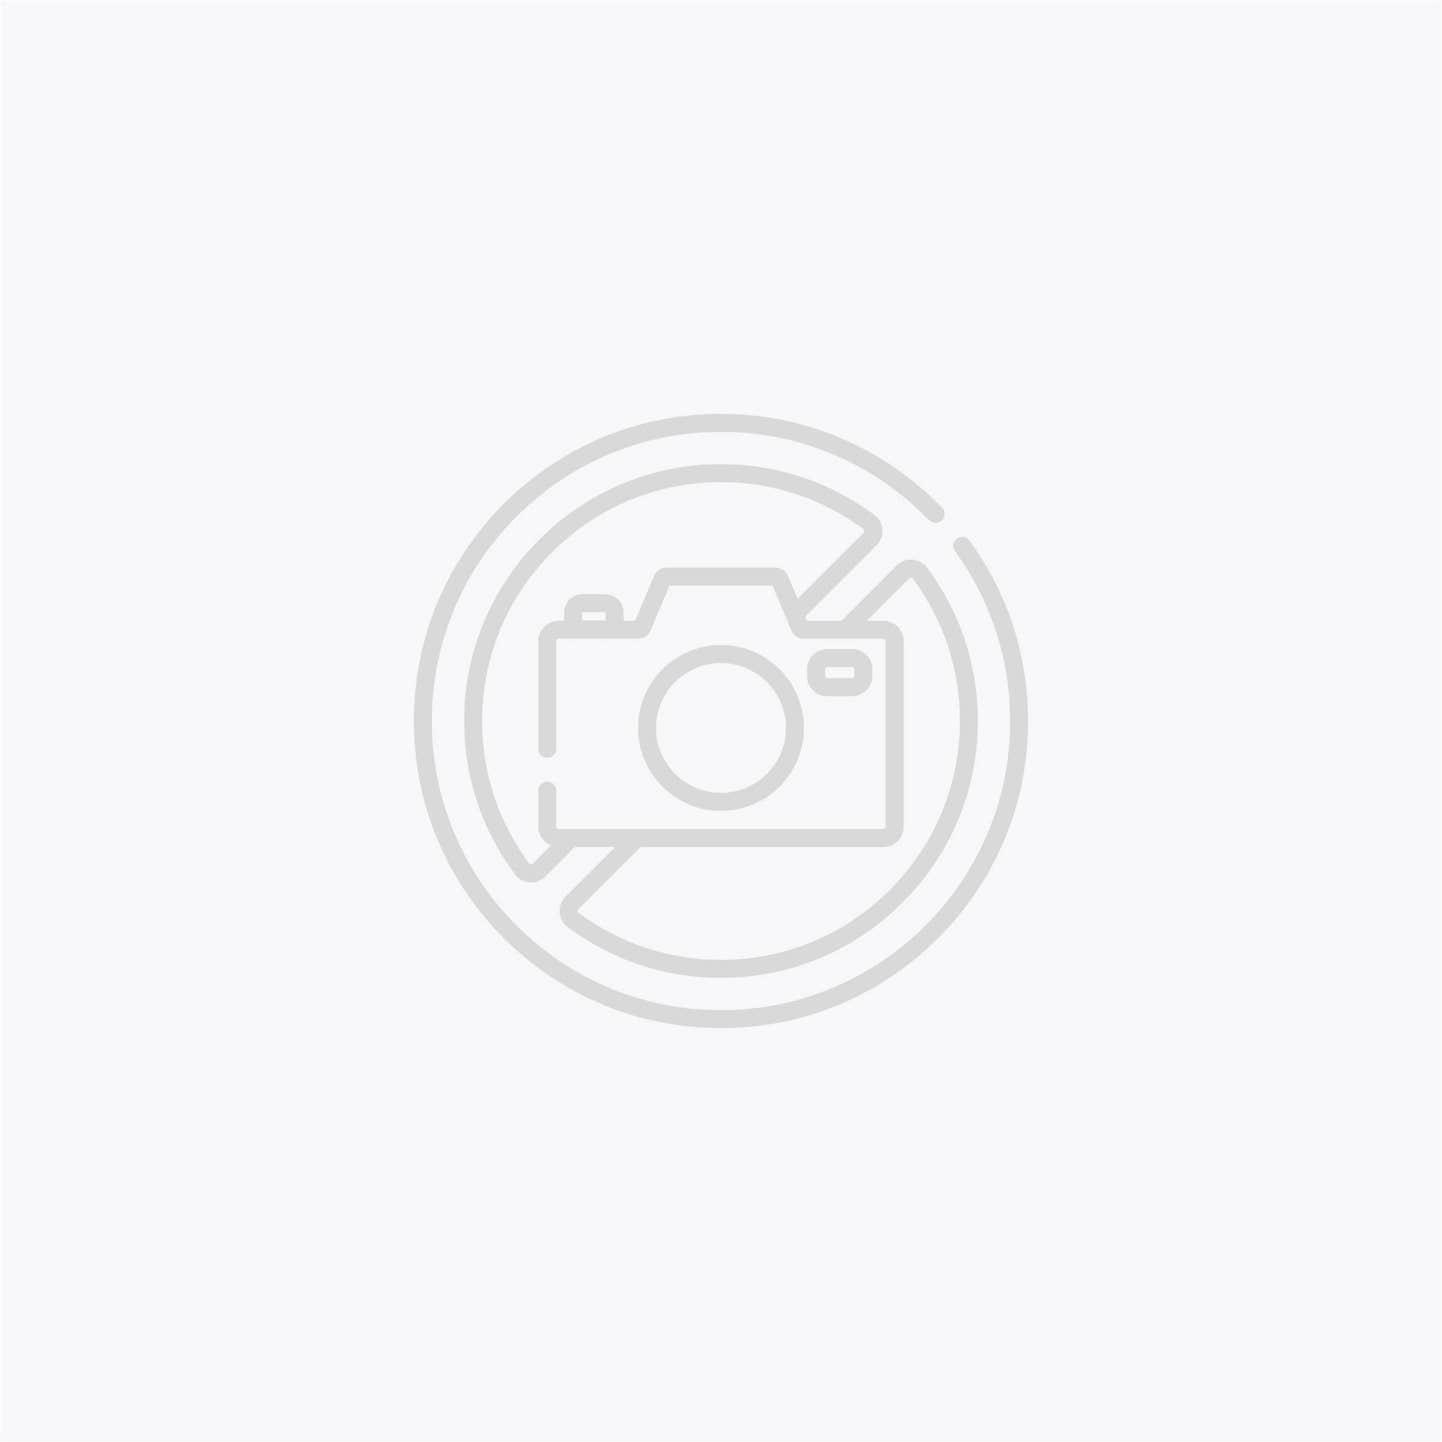 Chanel Black Nylon Shoulder Bag